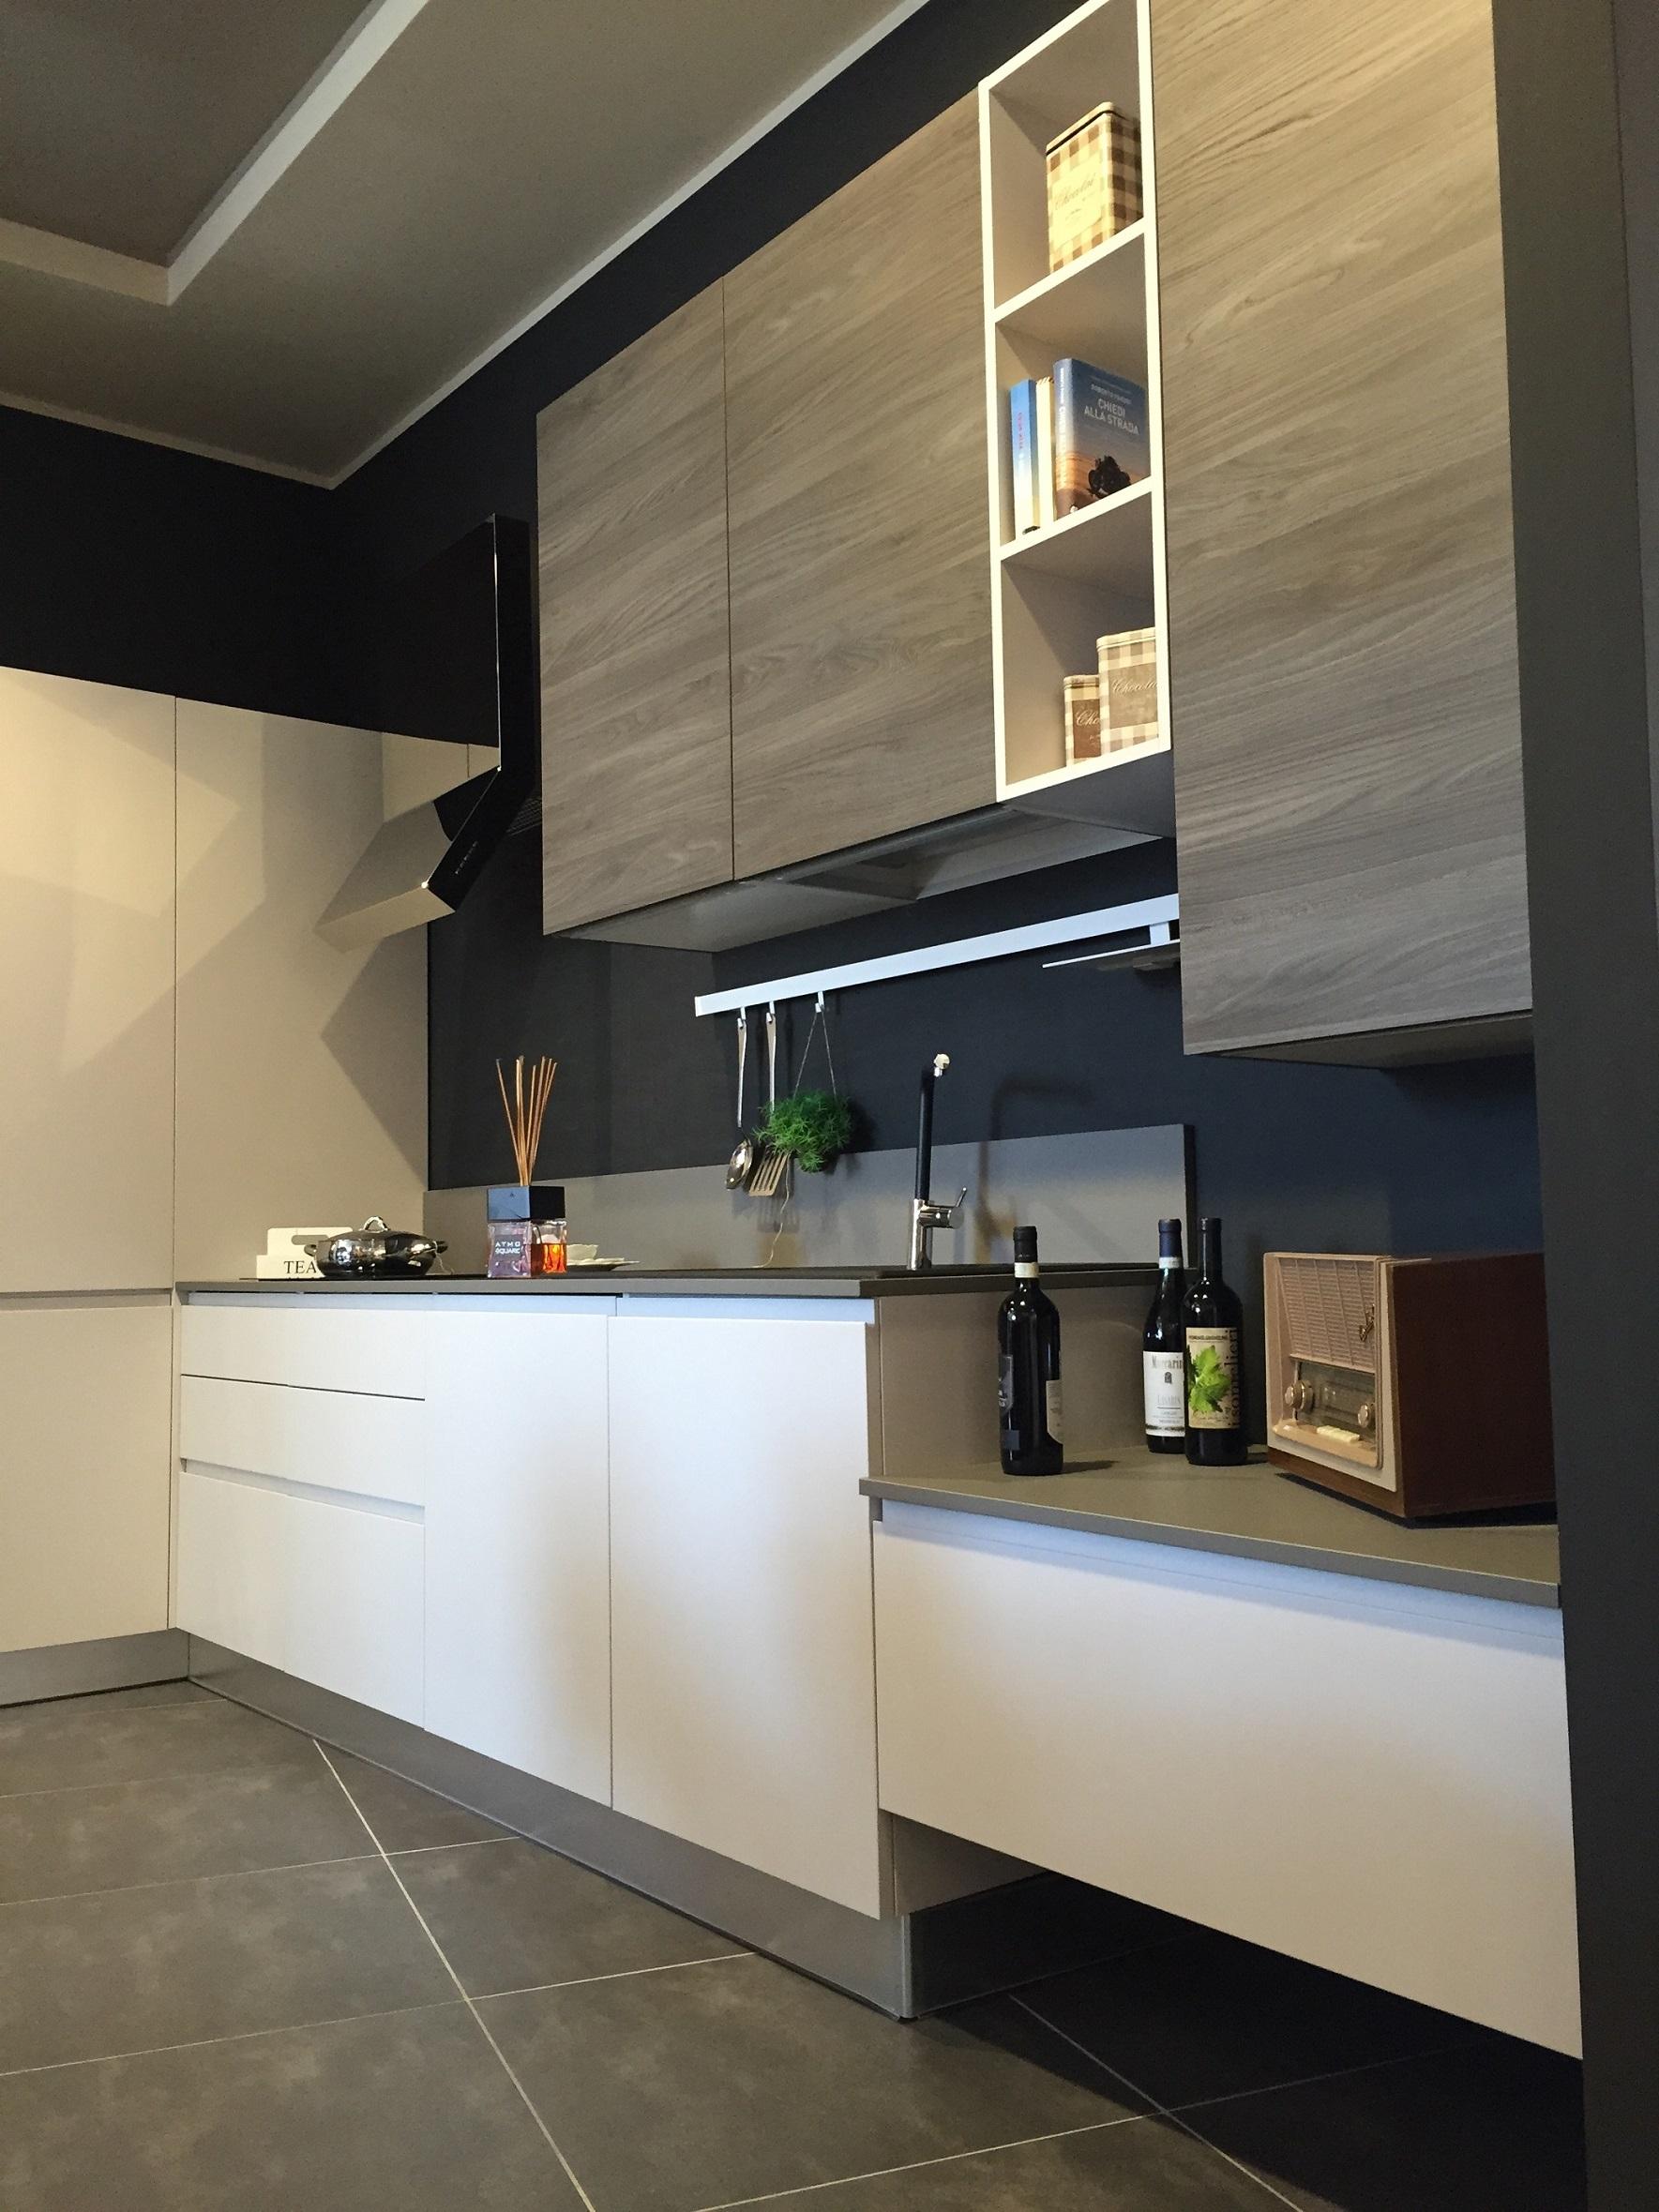 Artre cucina flo moderna laccato opaco cucine a prezzi scontati - La cucina di flo ...